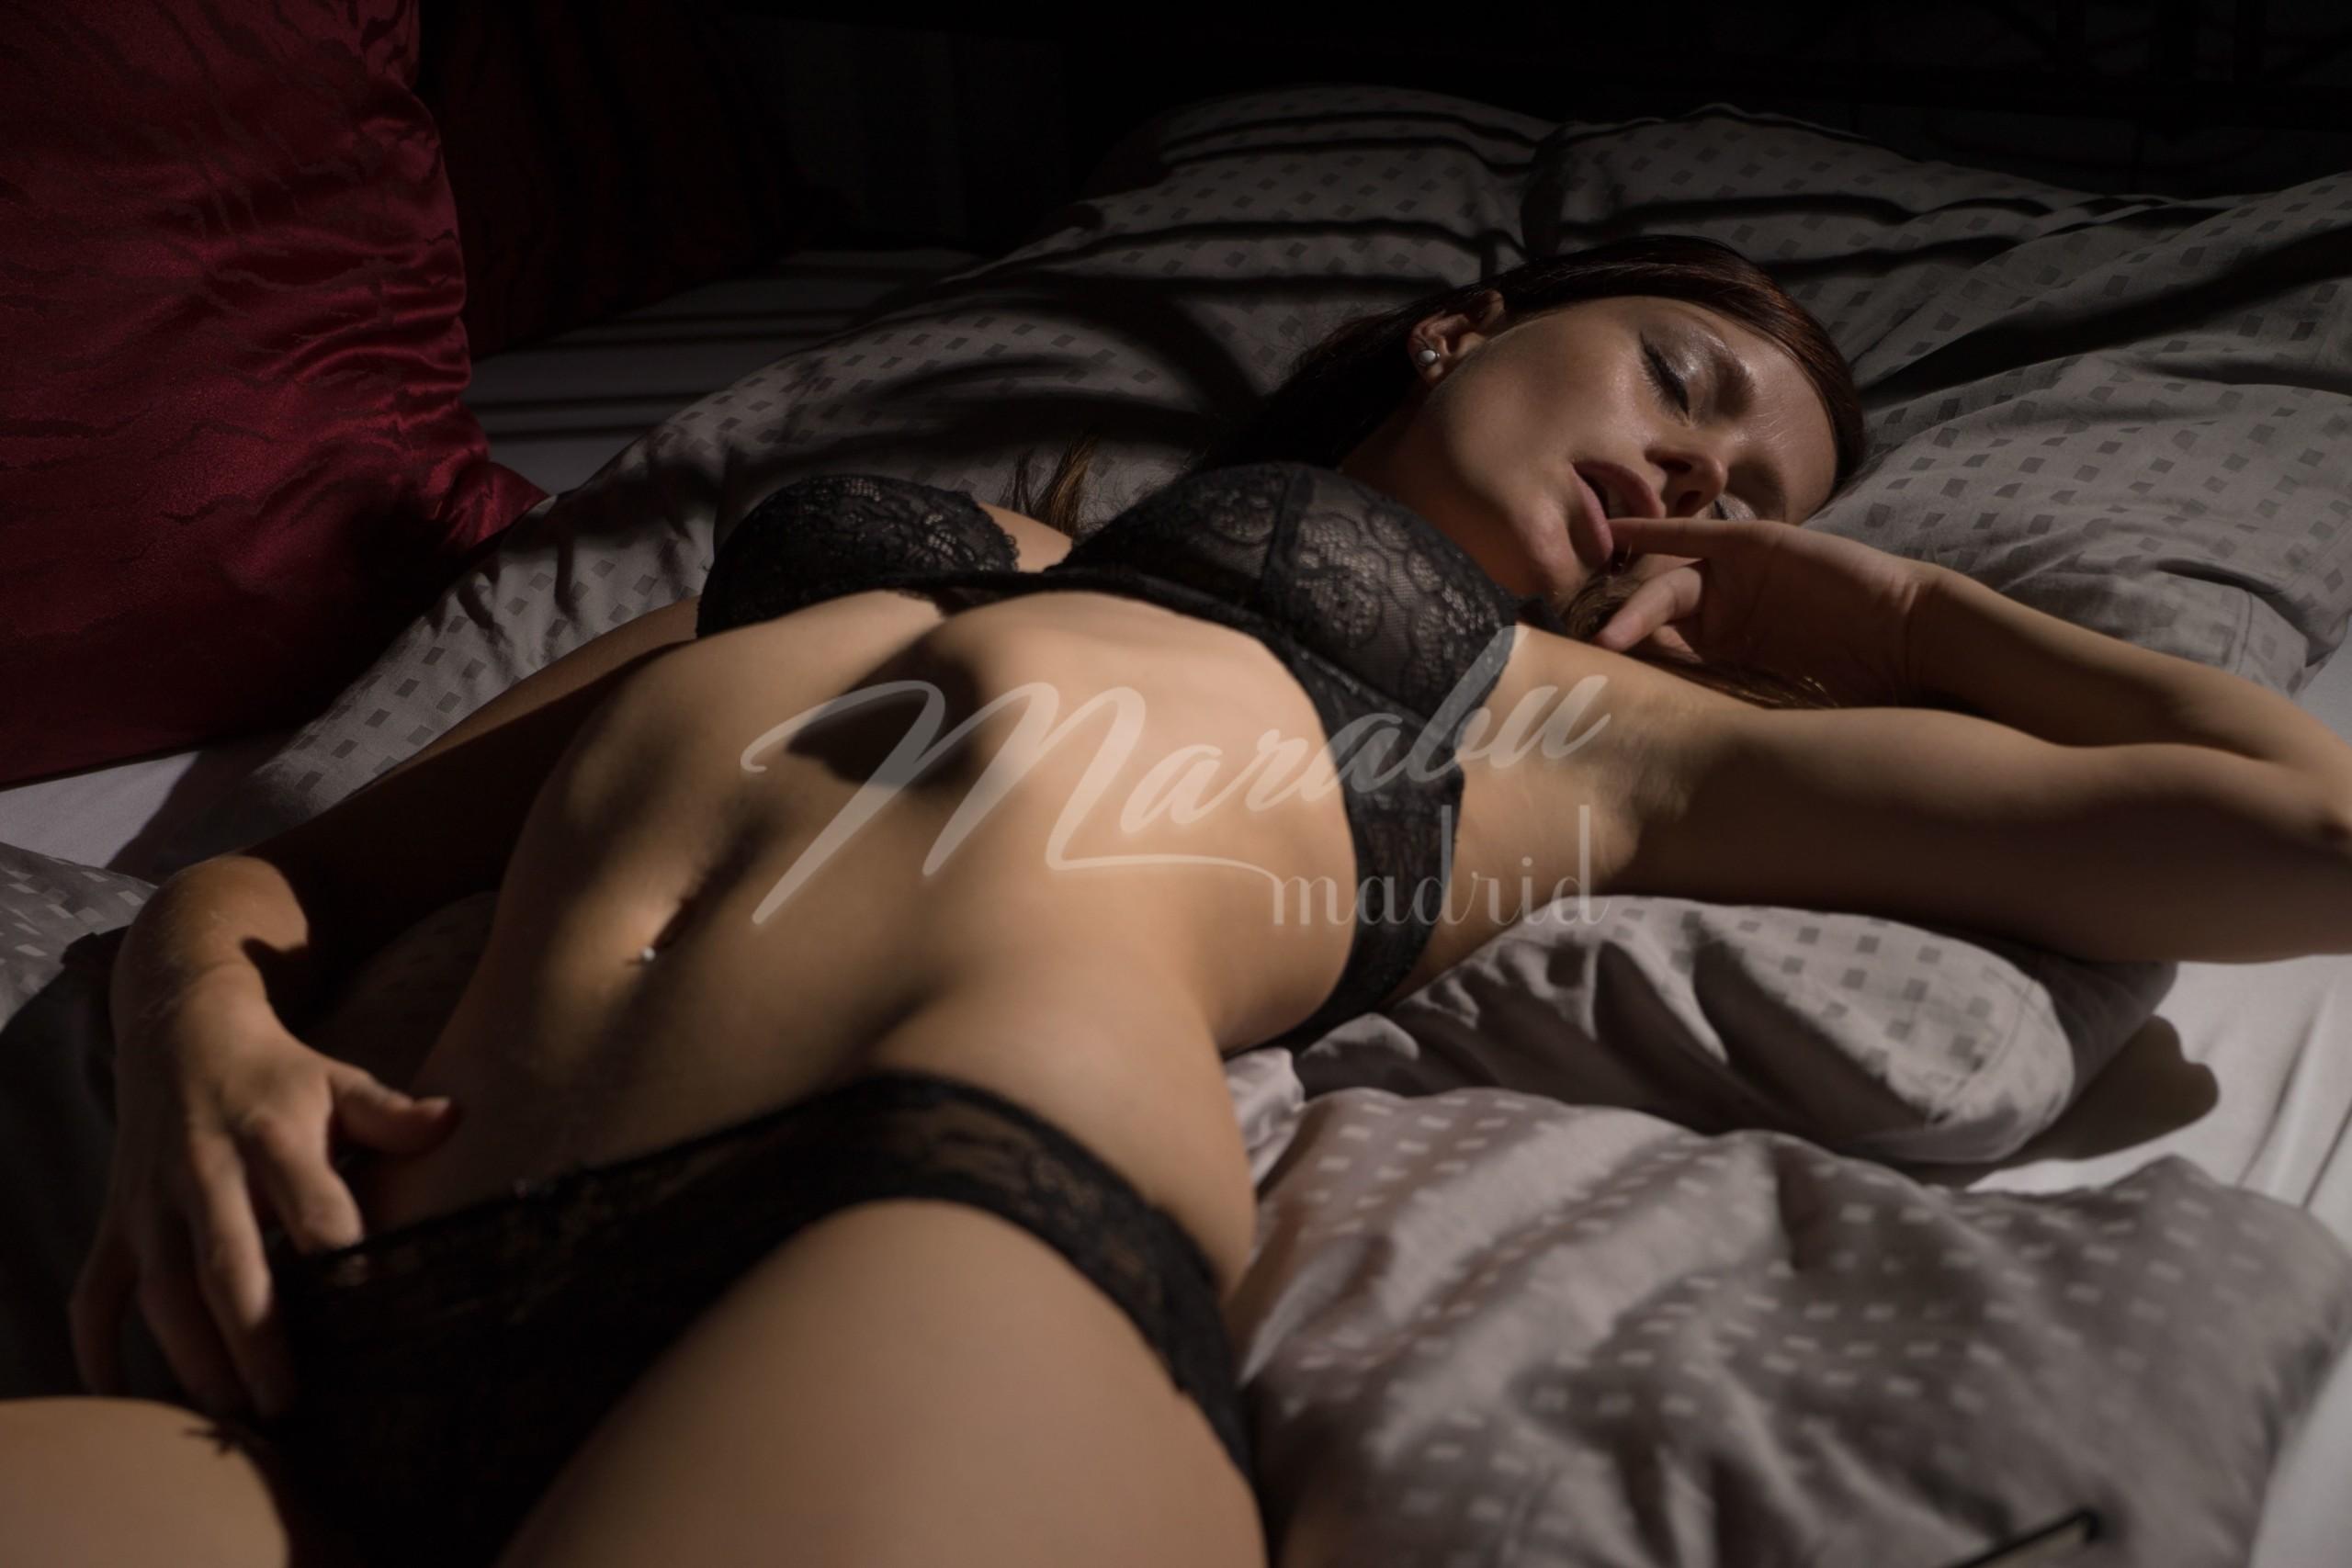 Masajes eróticos ayudan a dormir mejor